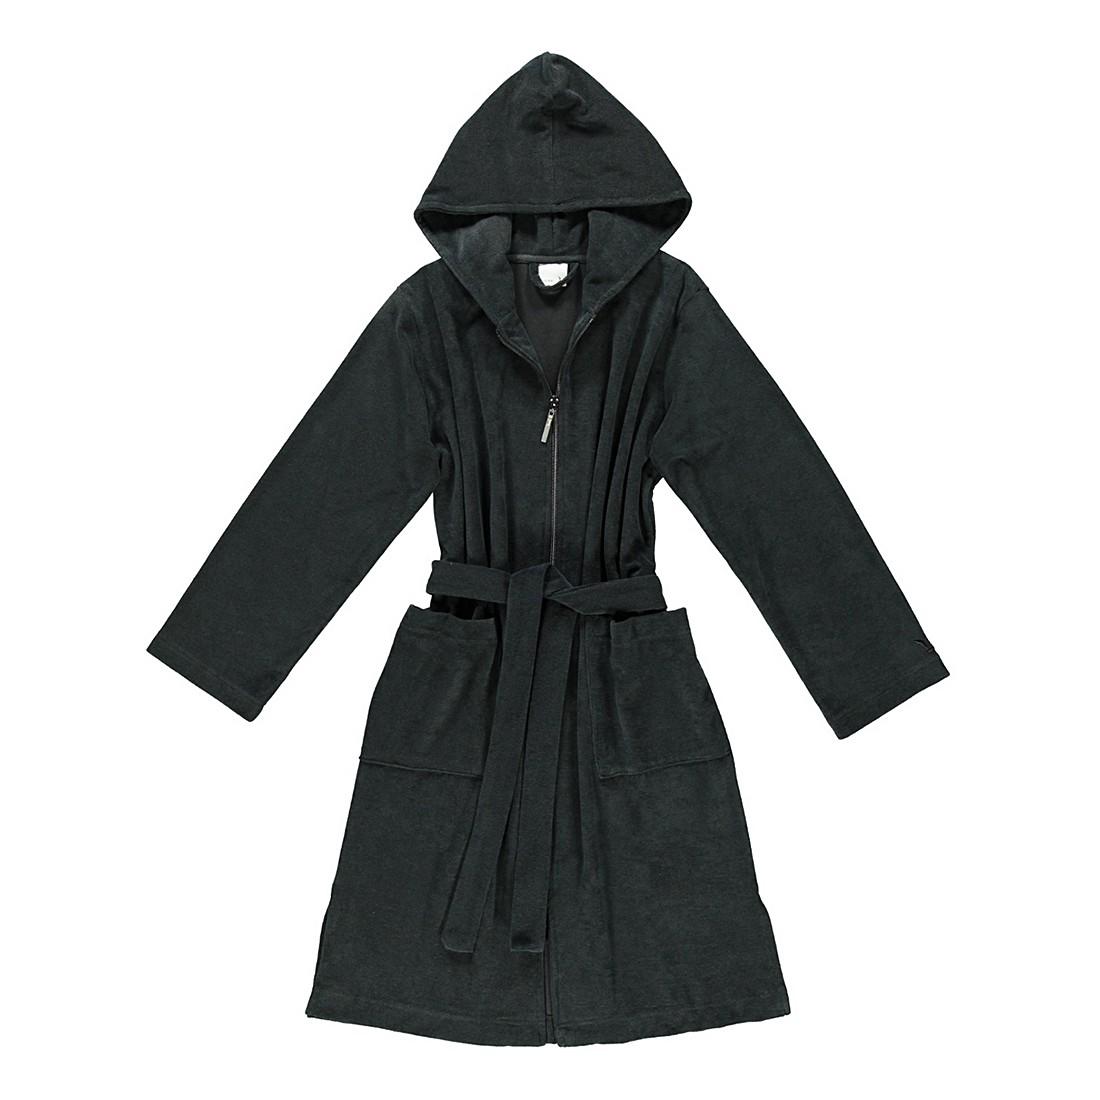 Bademantel Reißverschluss – unisex – FRottier – 80% Baumwolle – 20% Polyester black – 199 – Größe: XS, Möve jetzt kaufen